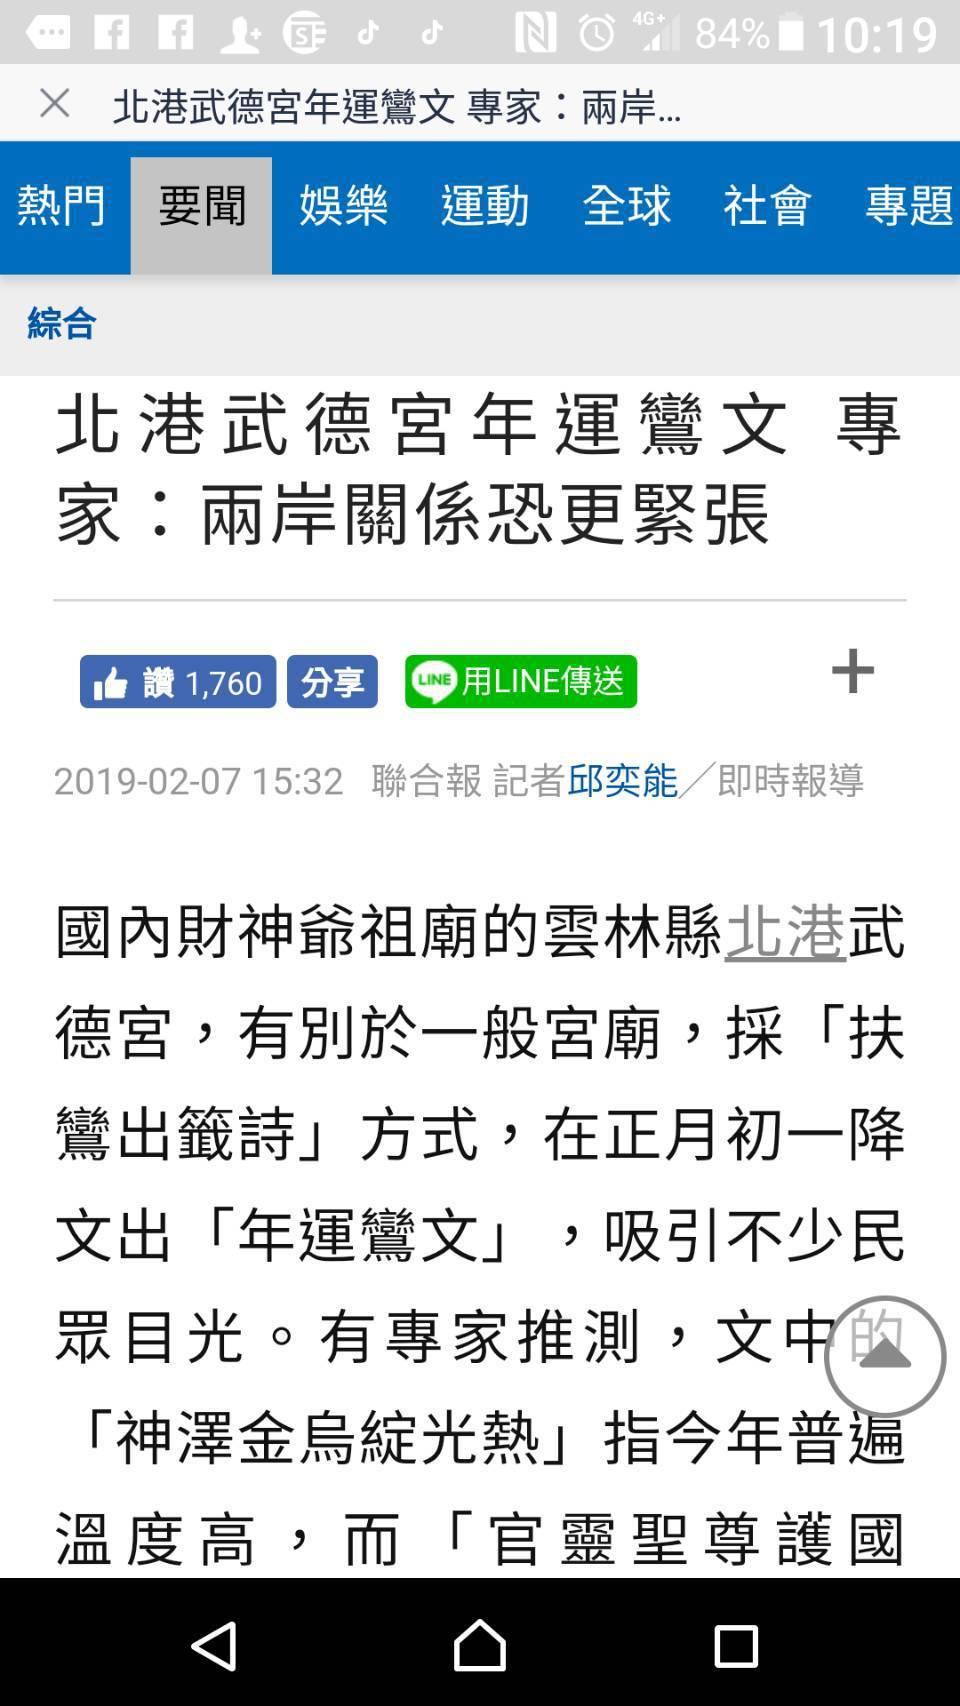 北港武德宮今年開出國運籤詩,當時本報報導內容指兩岸關係會緊張。記者蔡維斌/翻攝